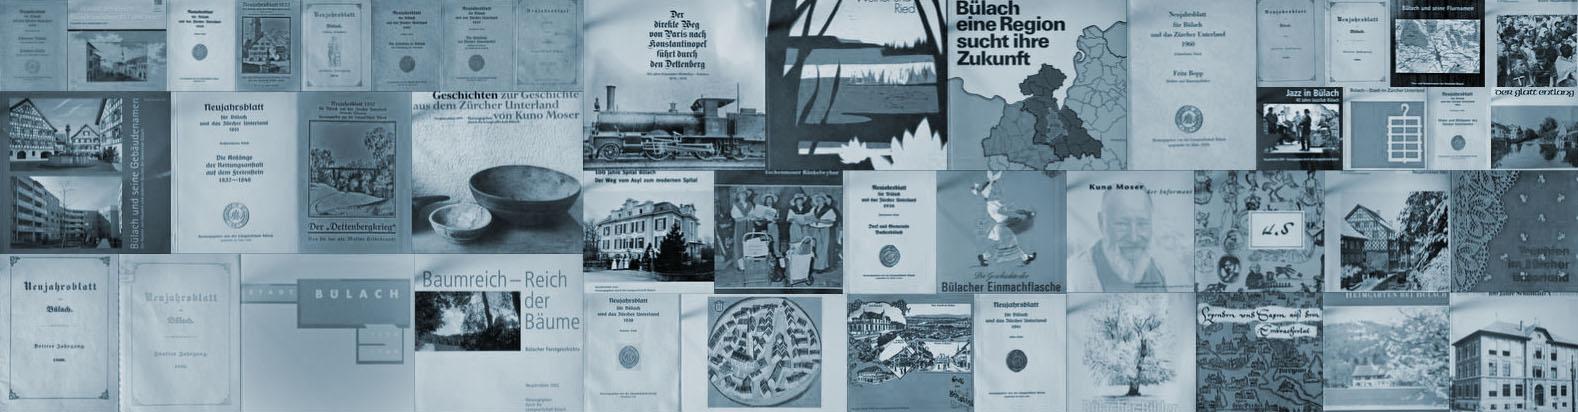 Lesegesellschaft Bülach Buchbestellung